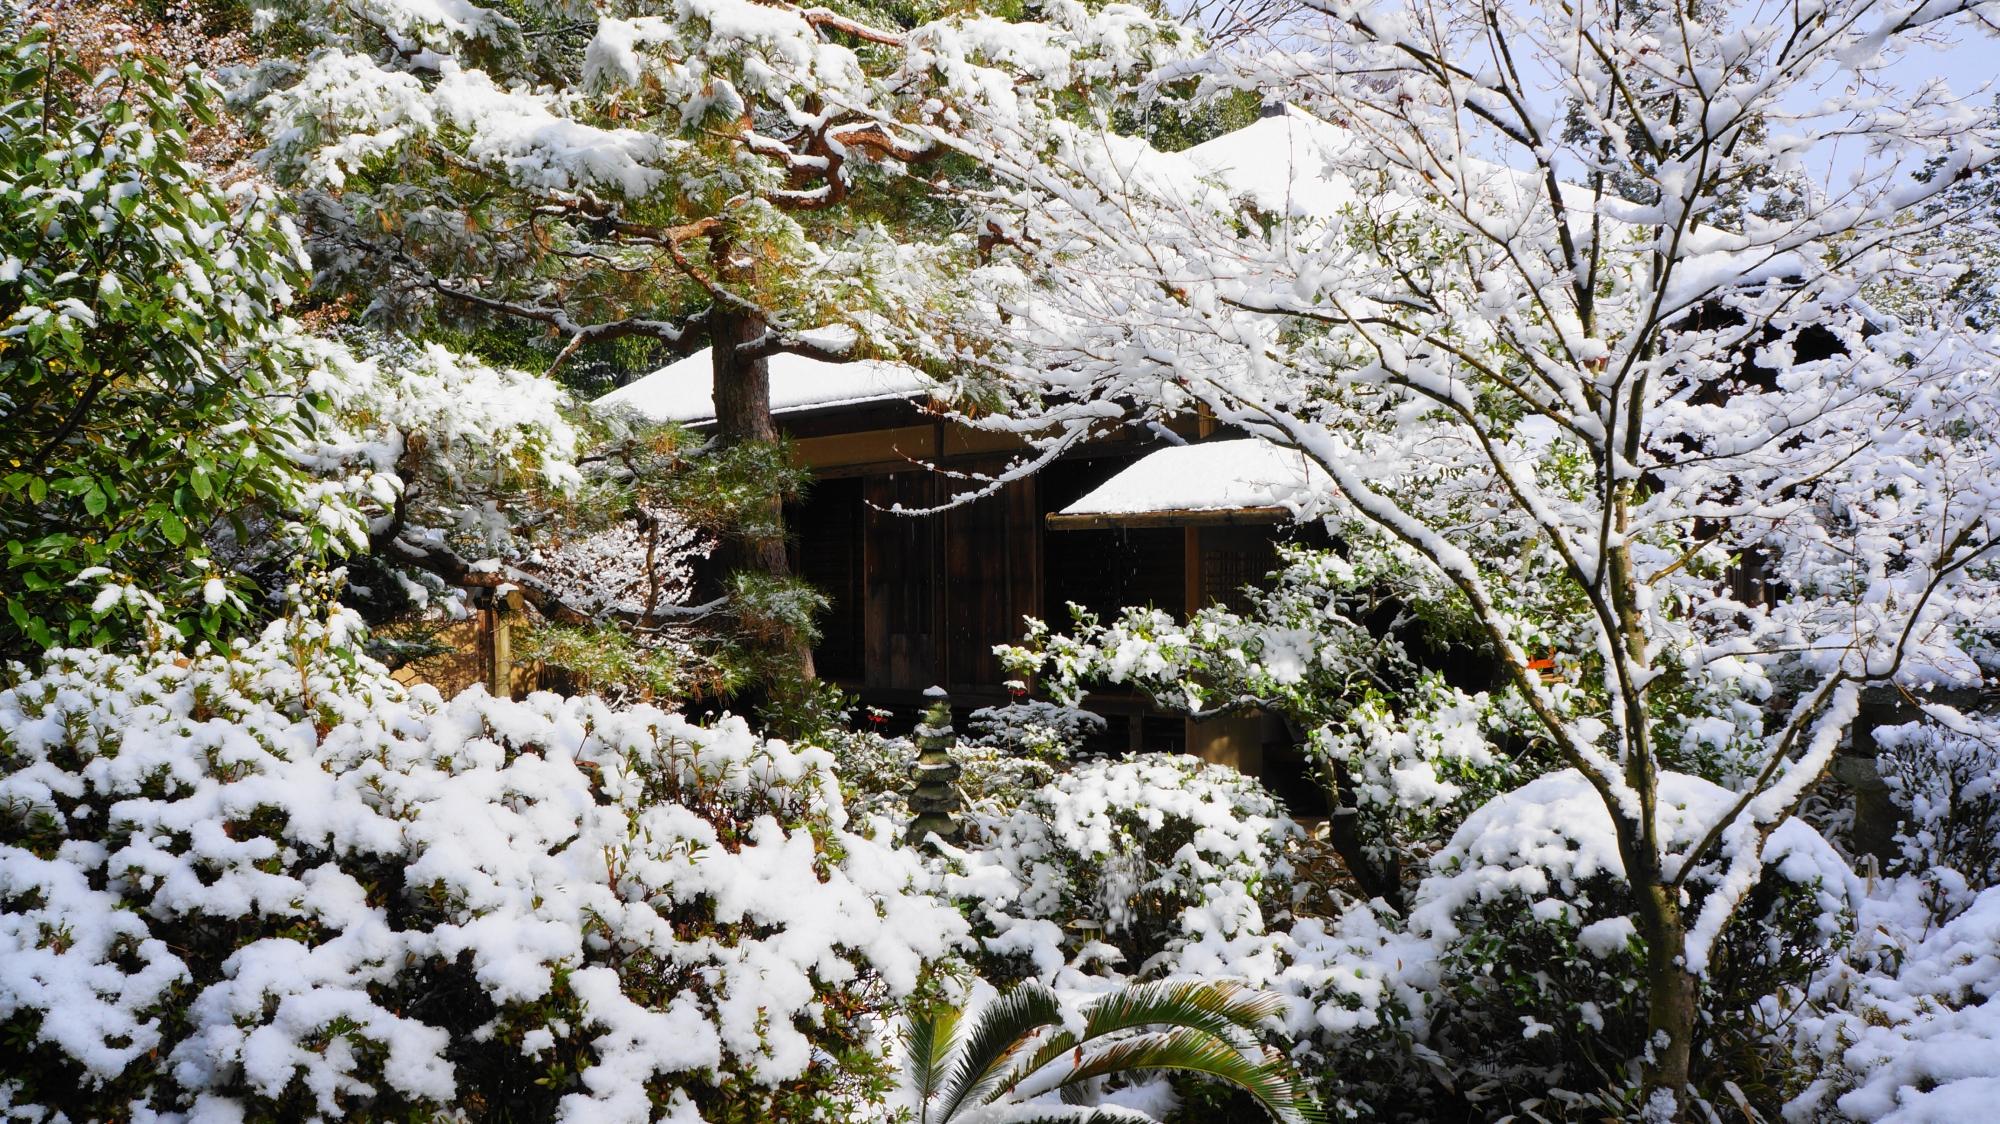 高桐院の書院「意北軒」の西庭の雪景色